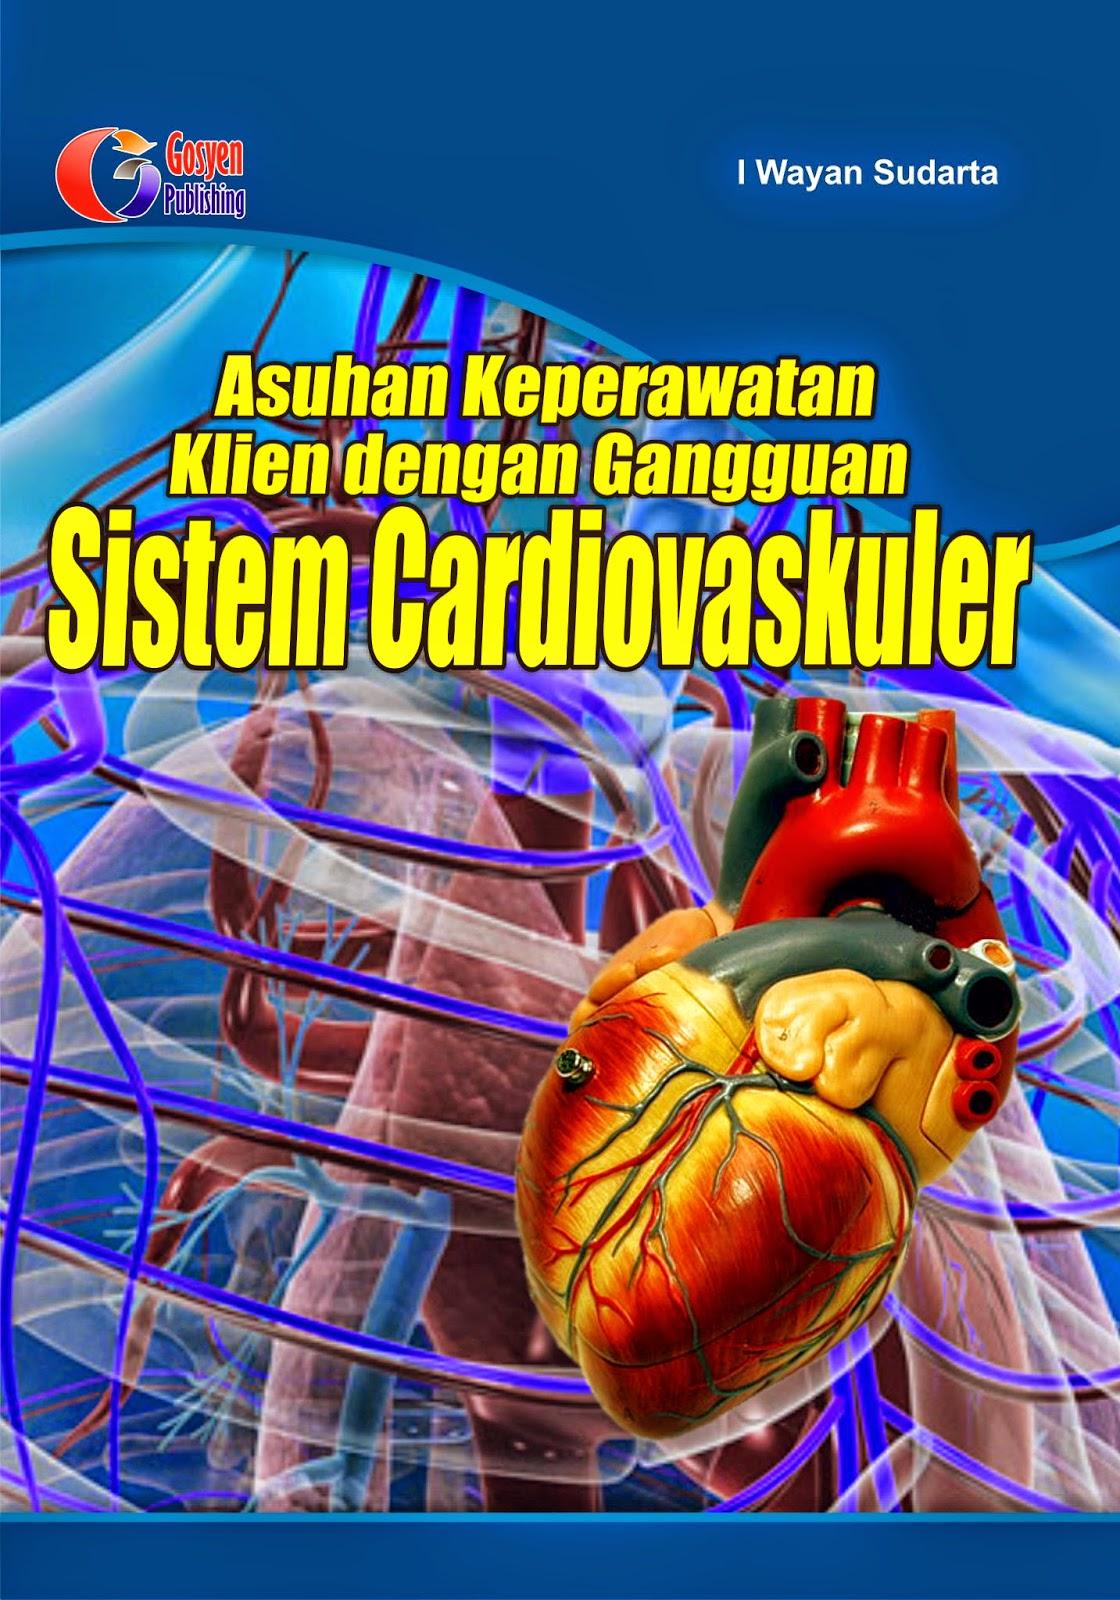 Asuhan Keperawatan Klien dengan Gangguan Sistem Cardiovaskuler